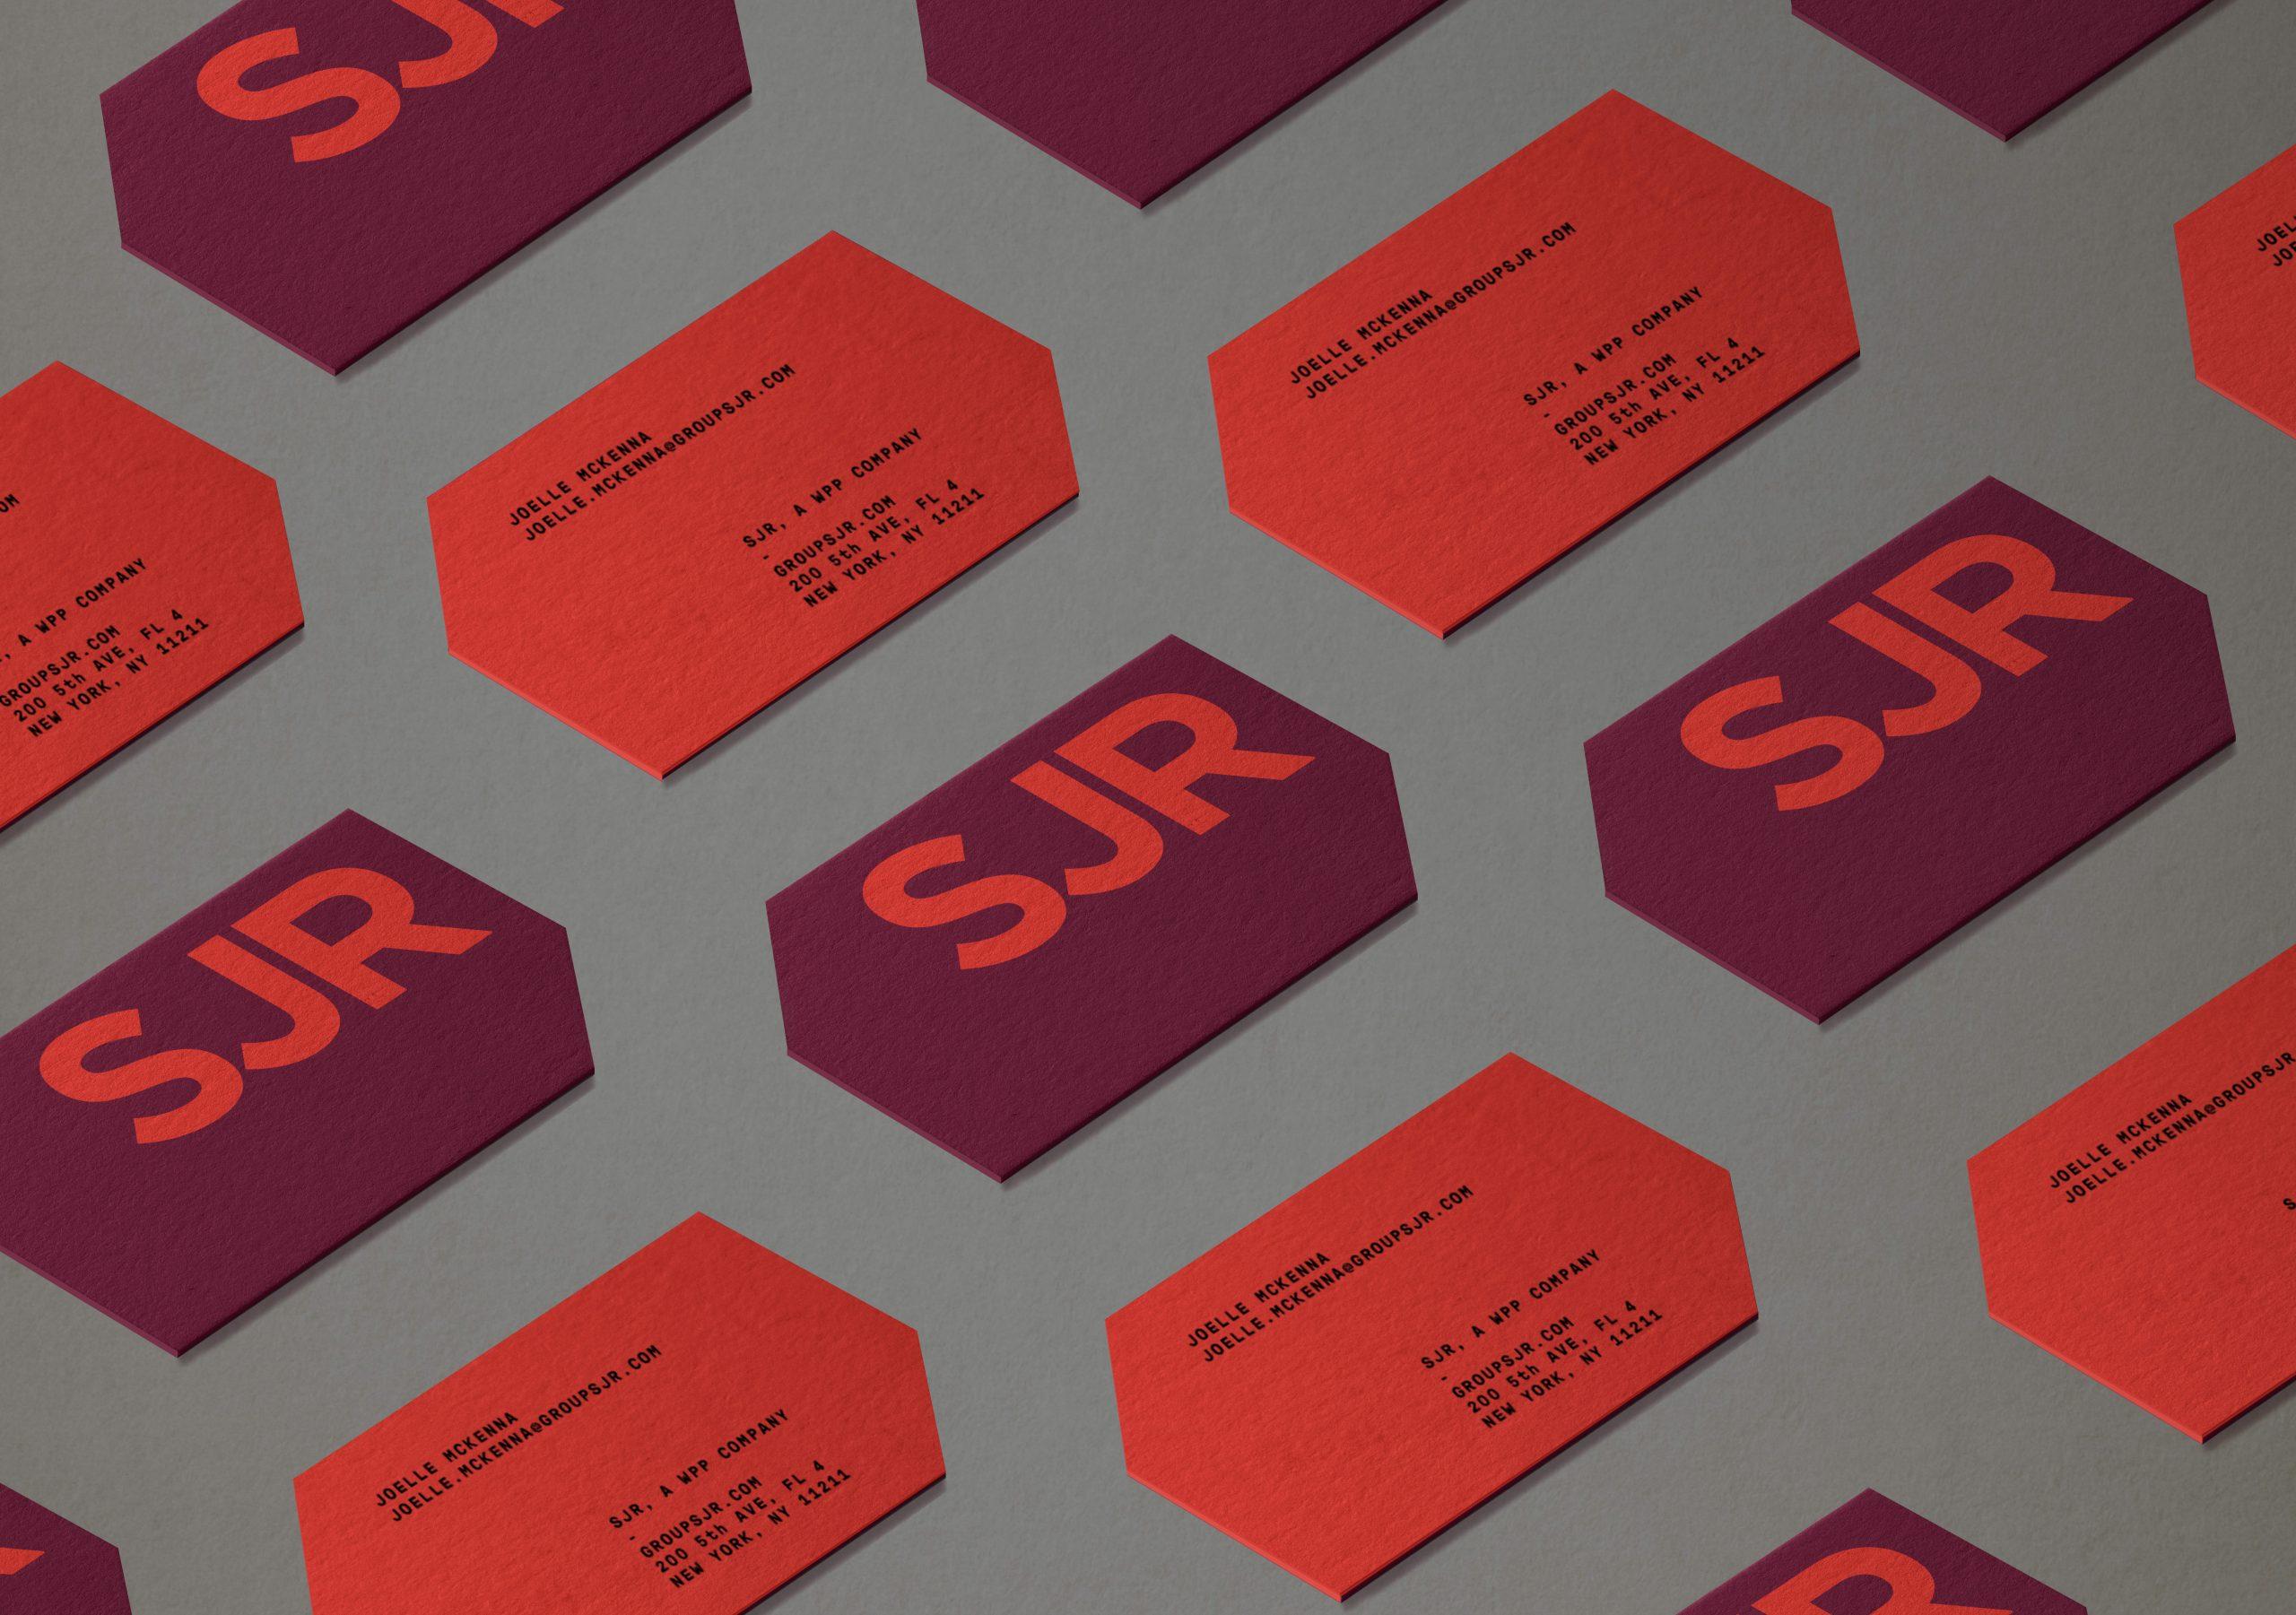 SJR_biz_Card_TILE_red_1620x1140